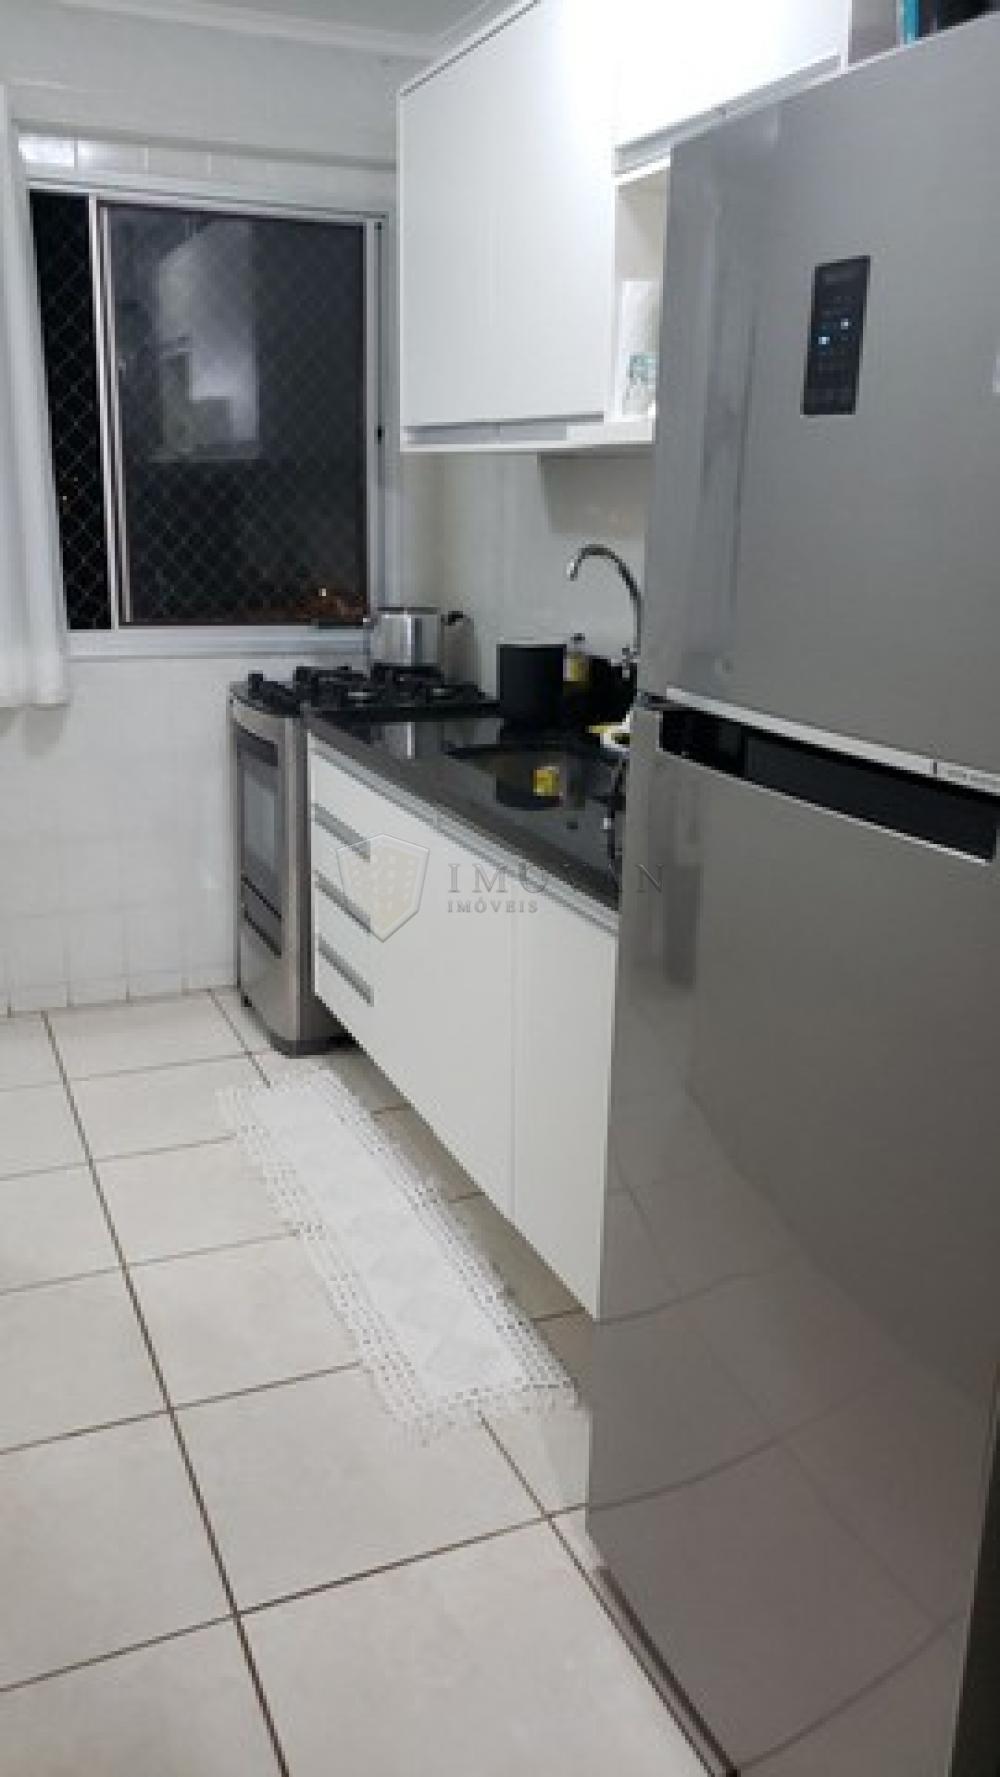 Comprar Apartamento / Padrão em Ribeirão Preto R$ 240.000,00 - Foto 8